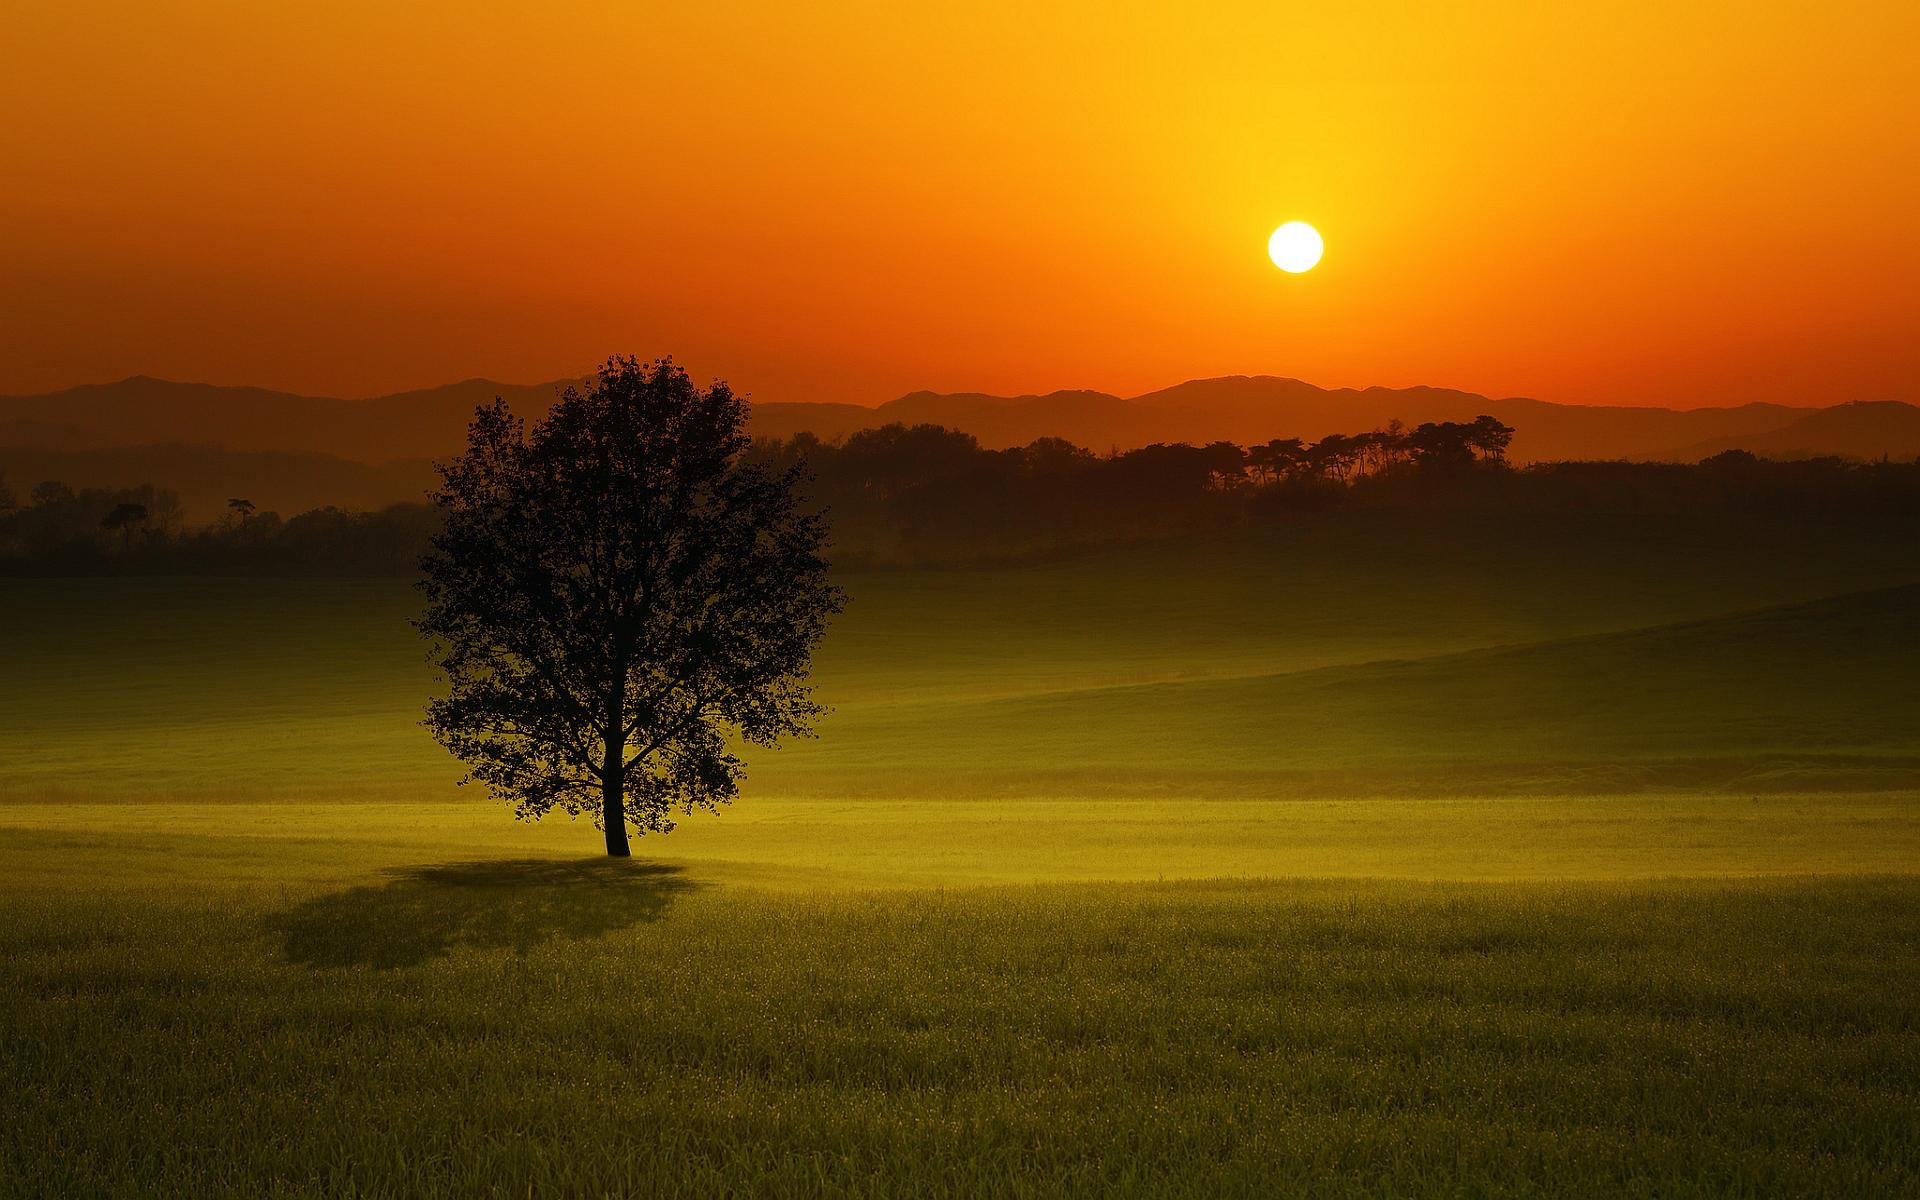 Sunset Wallpapers Evening - HD Desktop Wallpapers